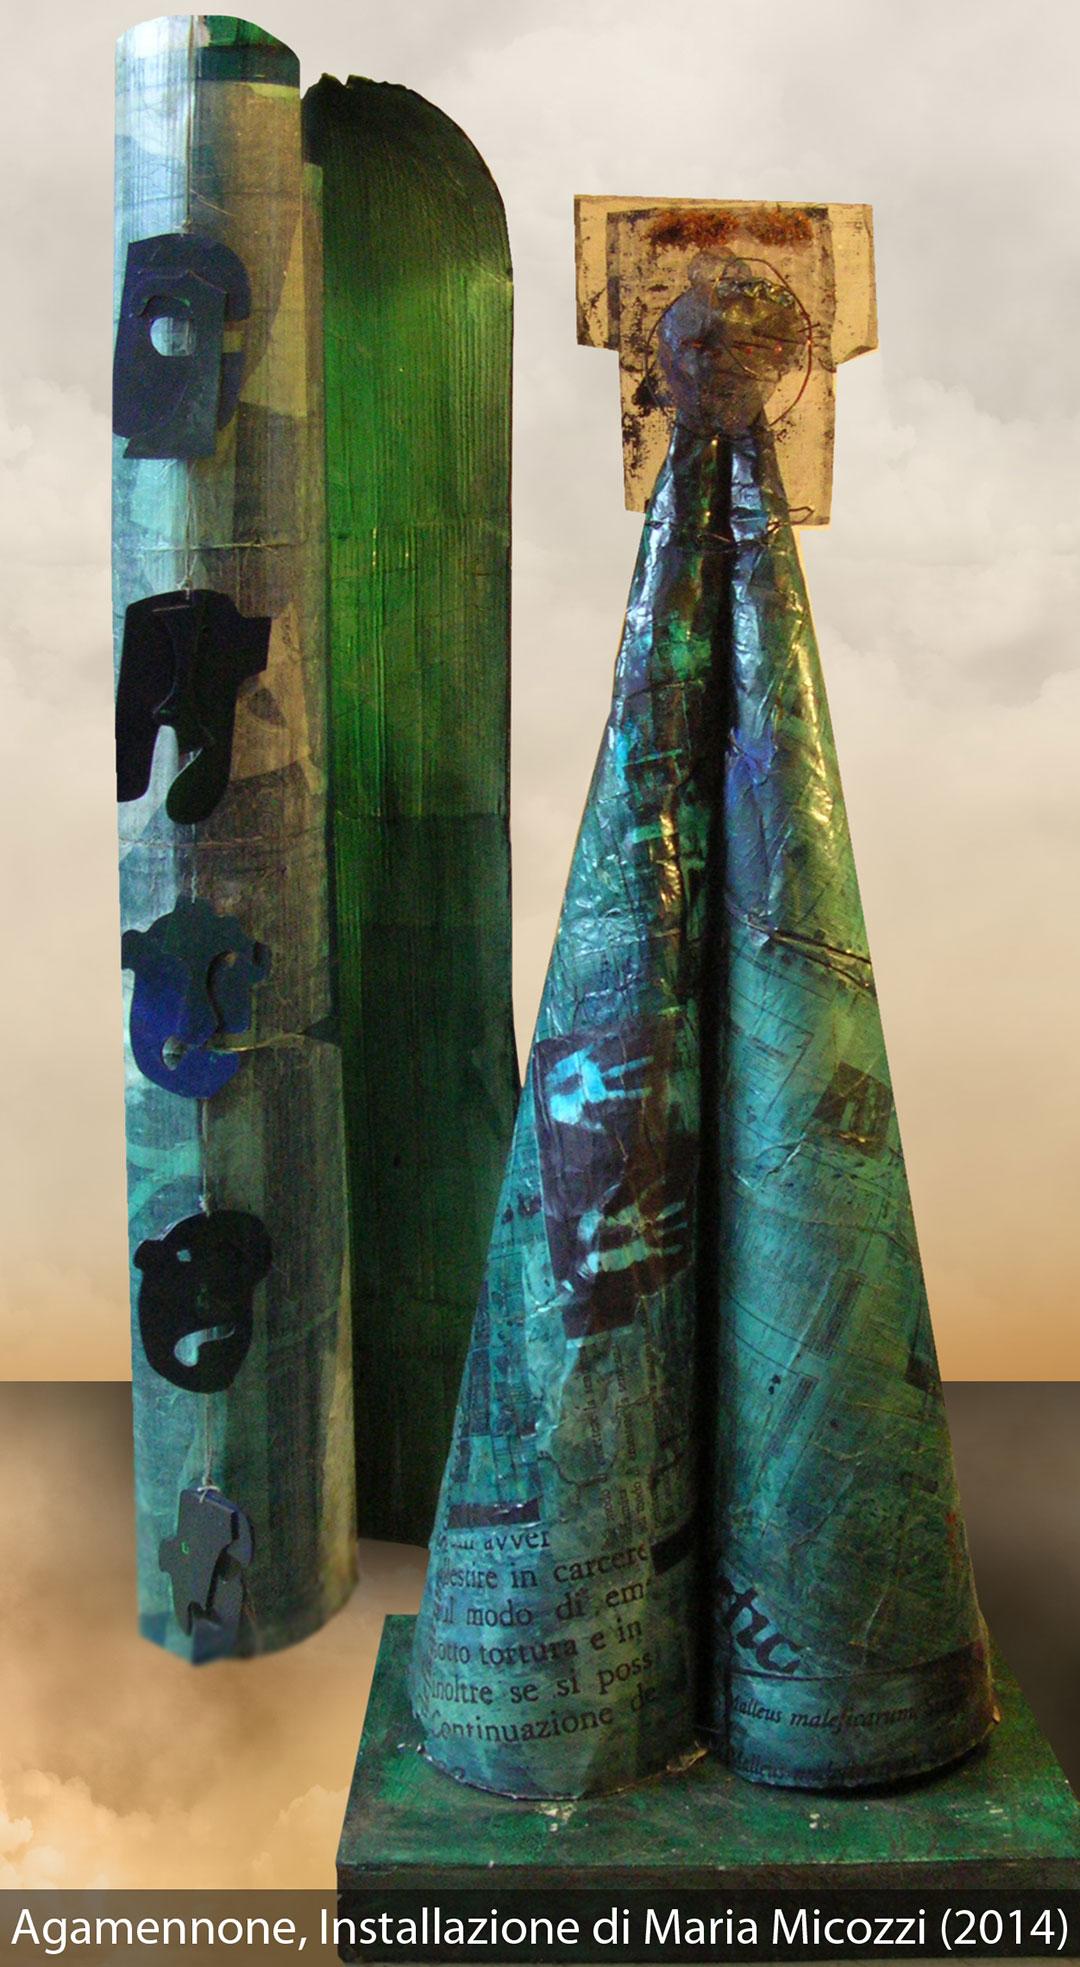 AGAMENNONE Installazione di Maria Micozzi, 2014